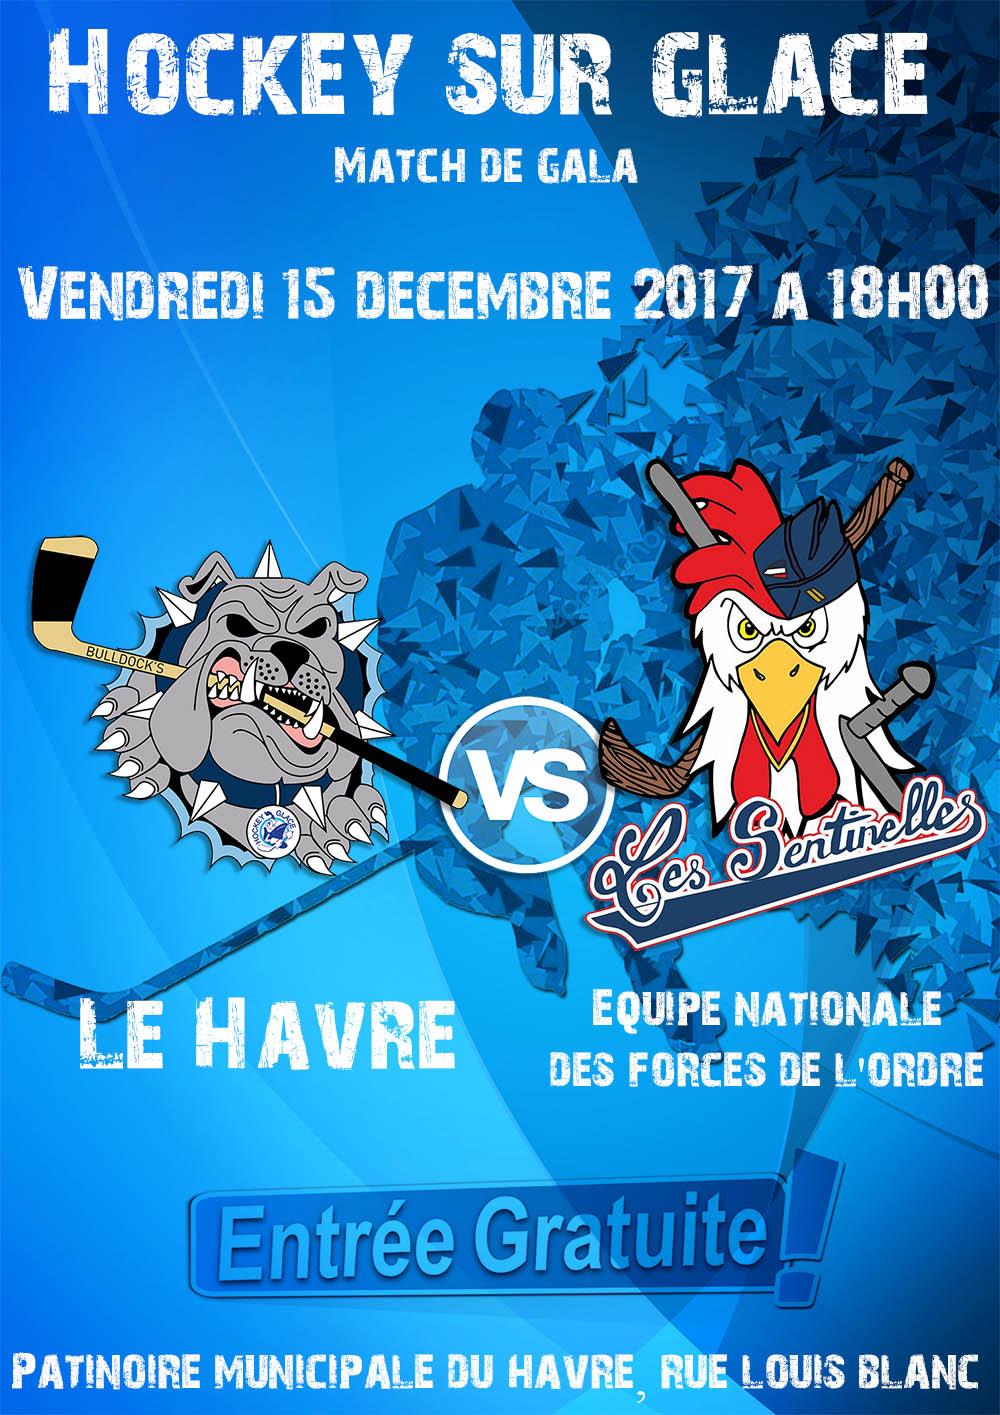 Match de gala : Le Havre vs Les Sentinelles